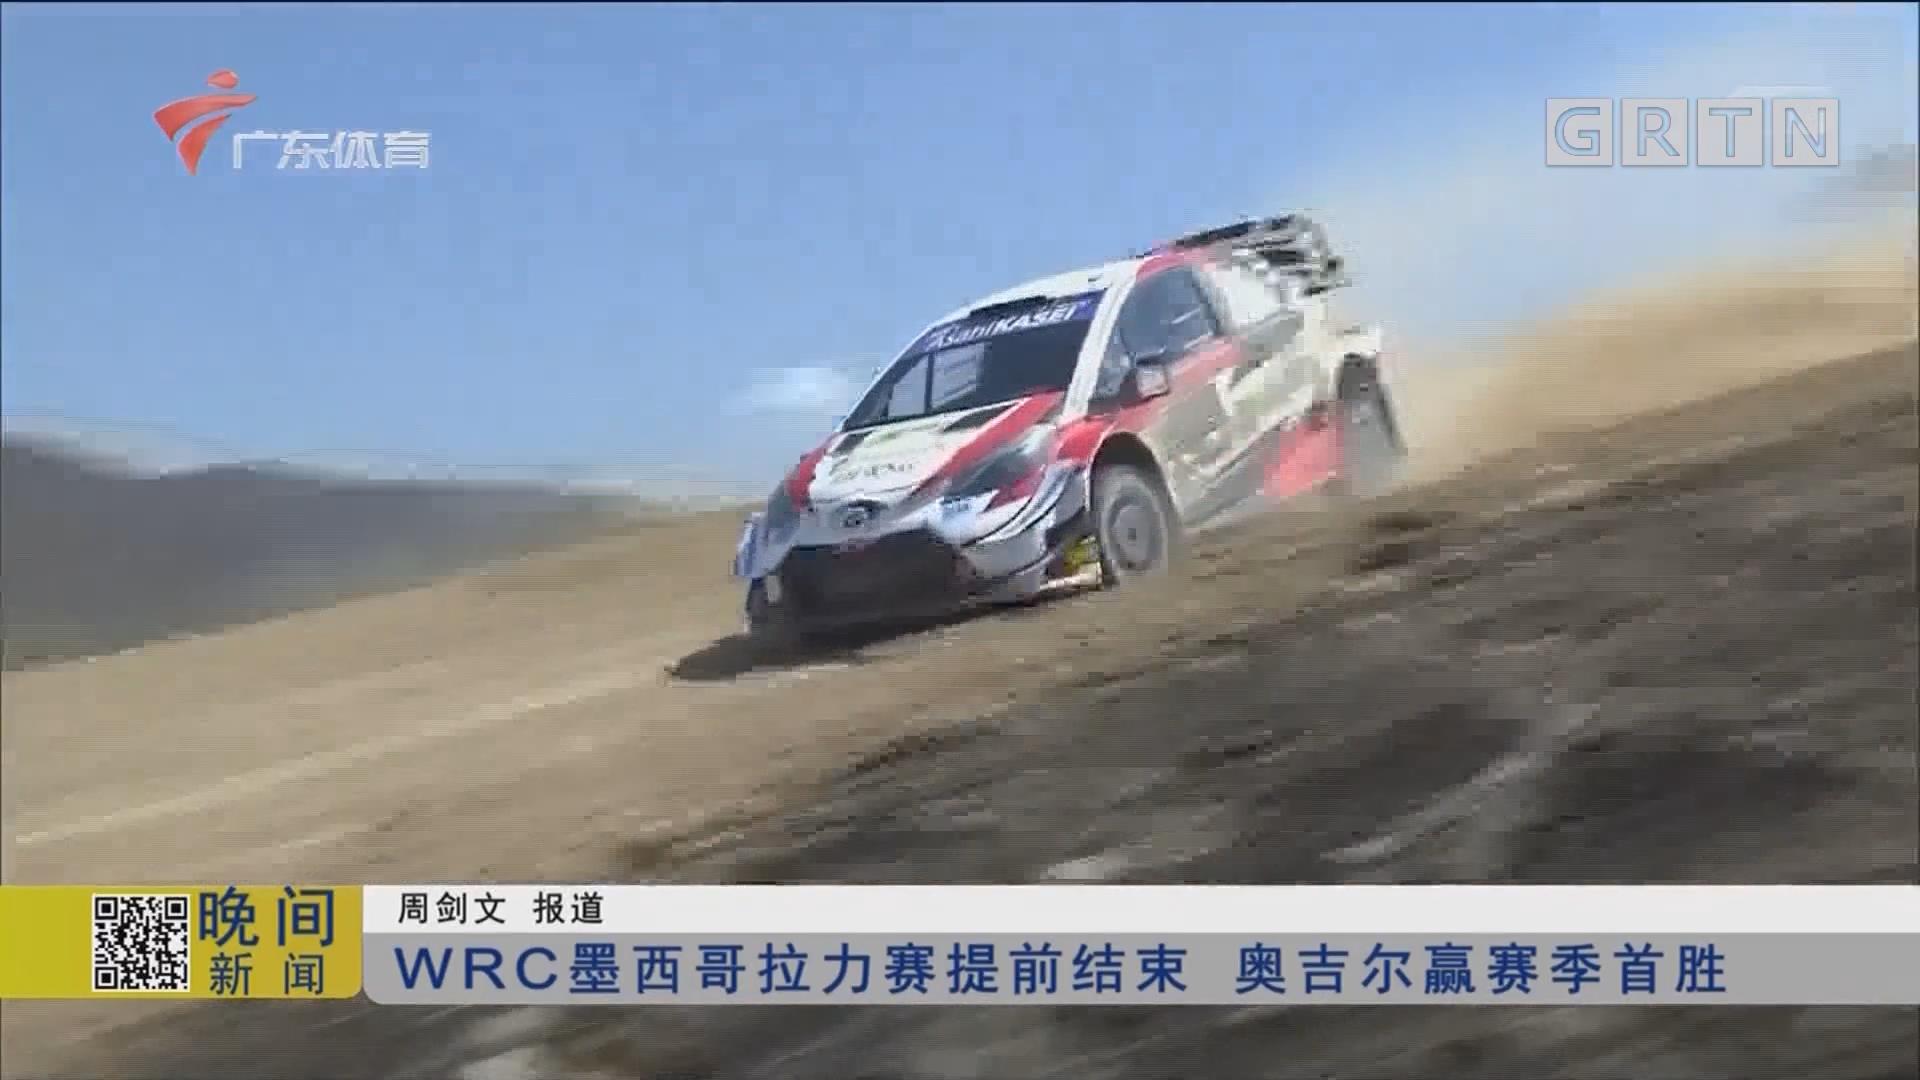 WRC墨西哥拉力赛提前结束 奥吉尔赢赛季首胜